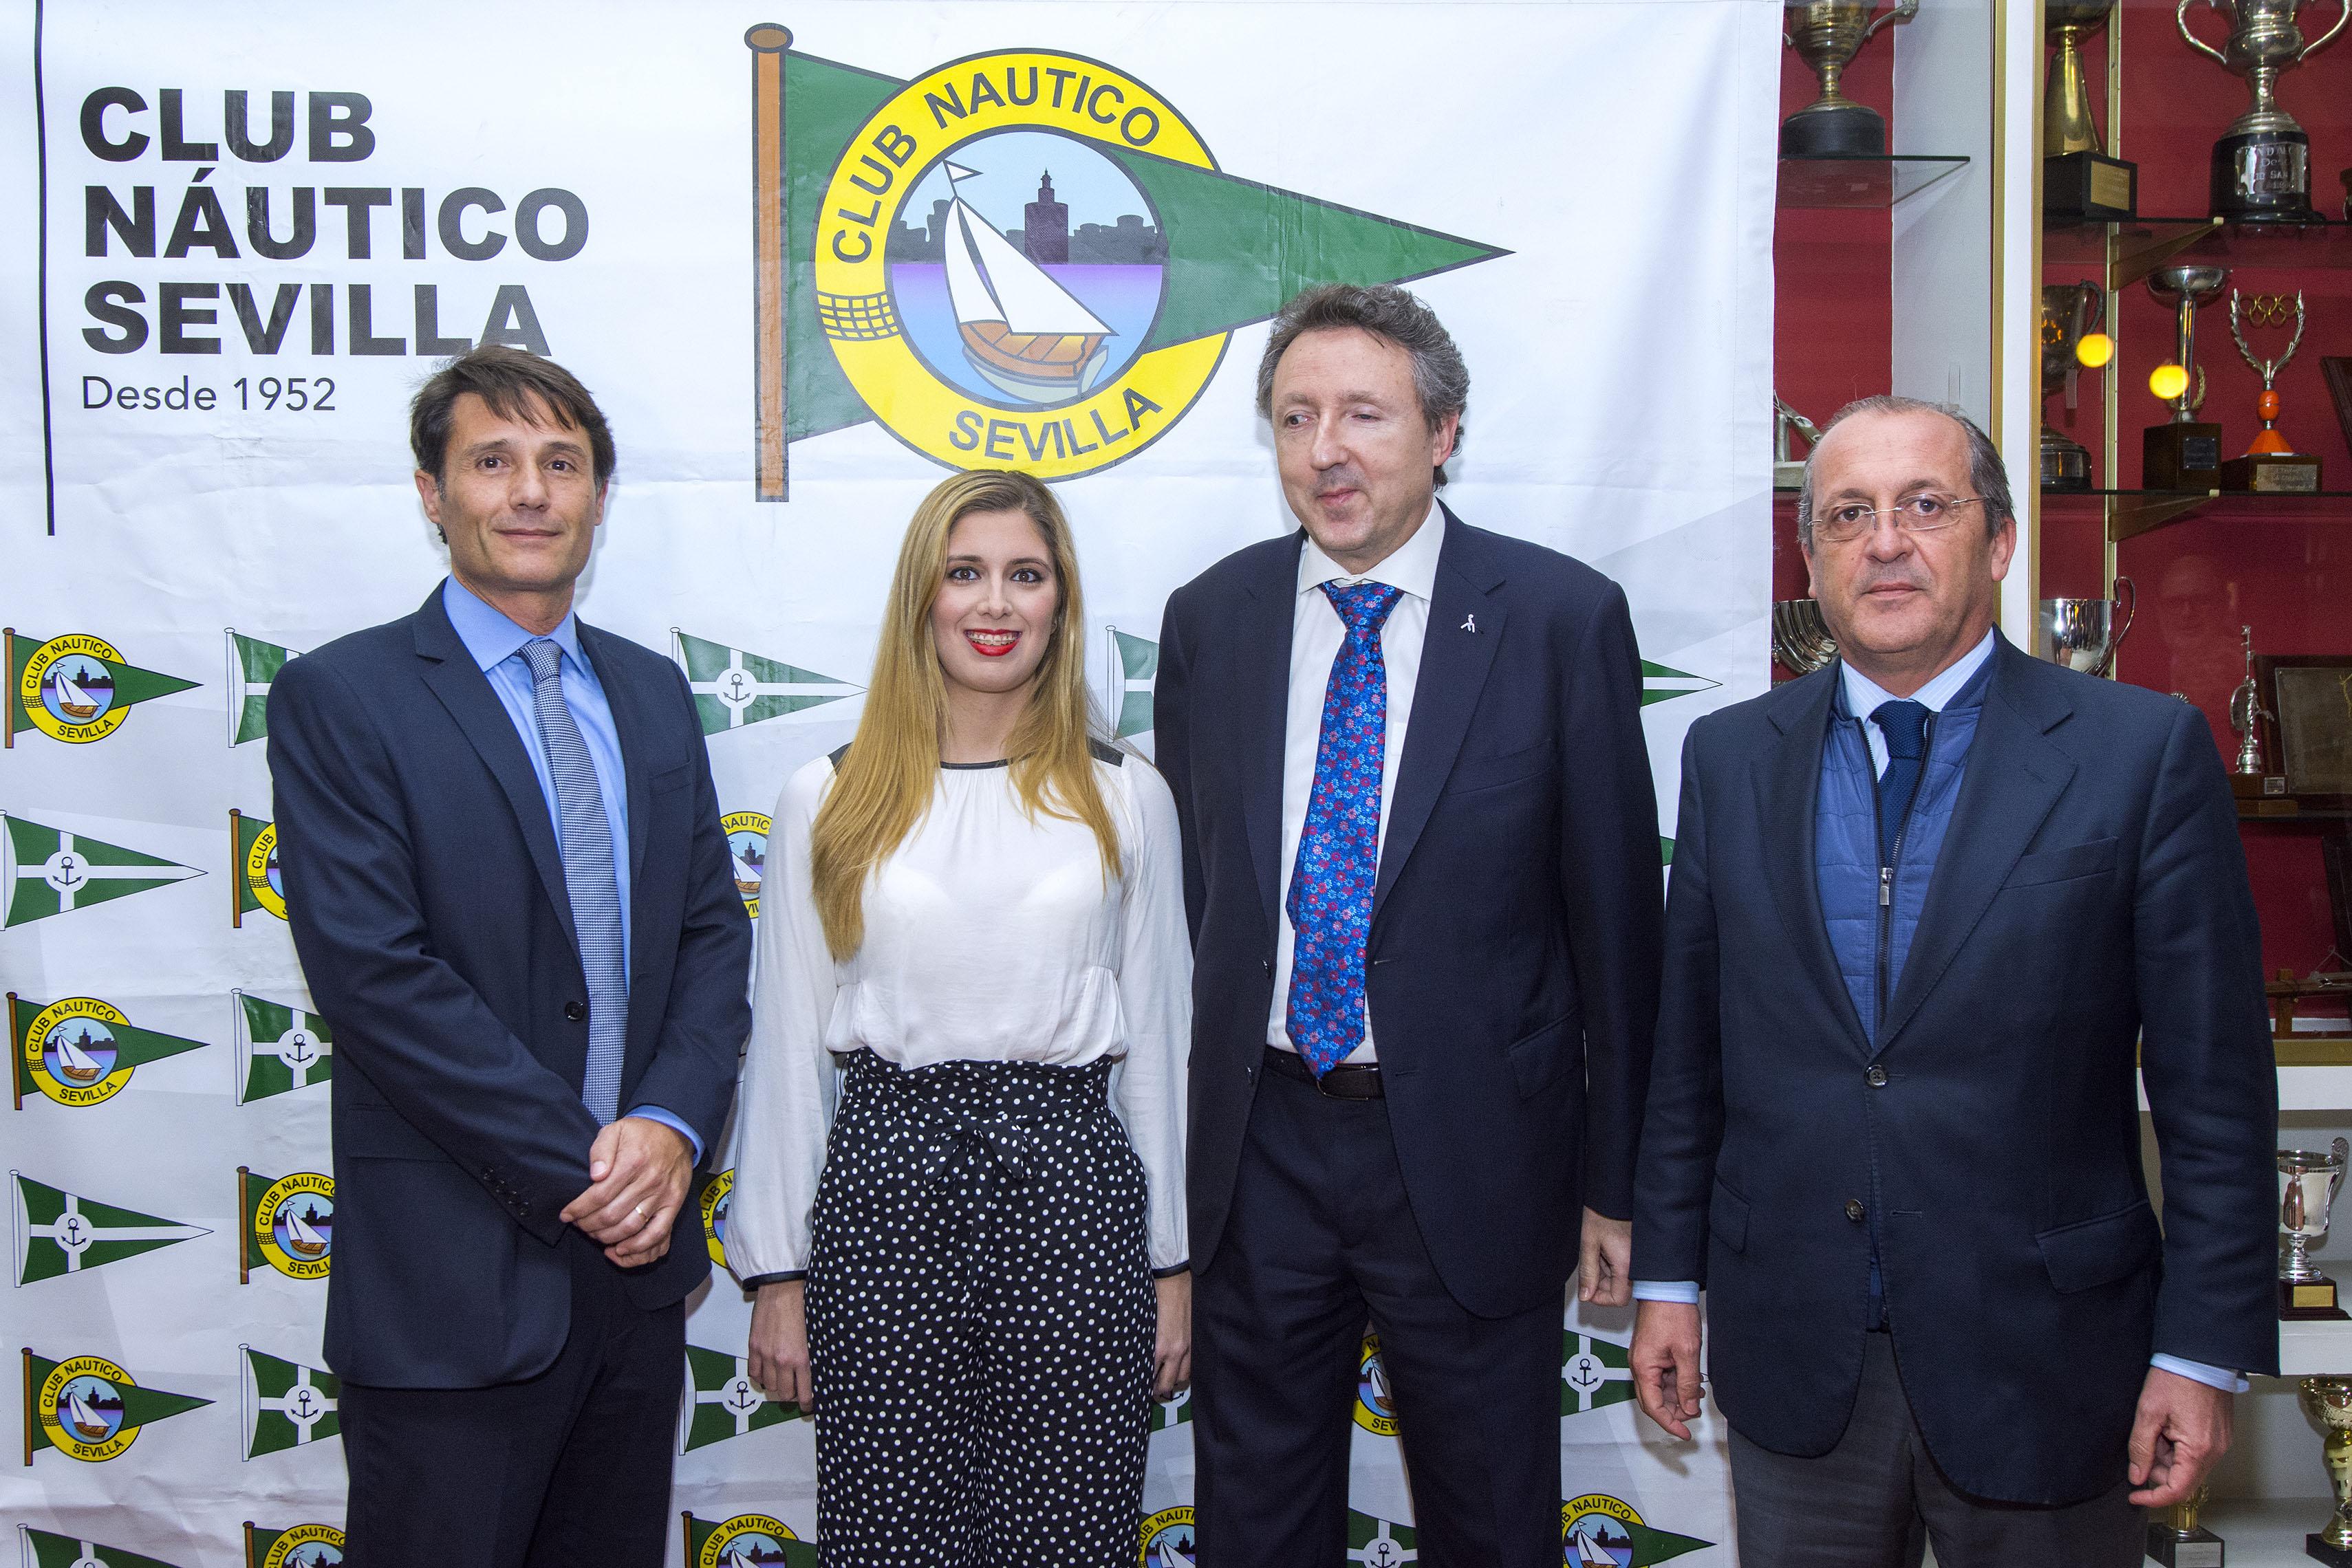 Homenaje a Marta Gómez por el Club Náutico de Sevilla. / Foto: Juan José Ubeda